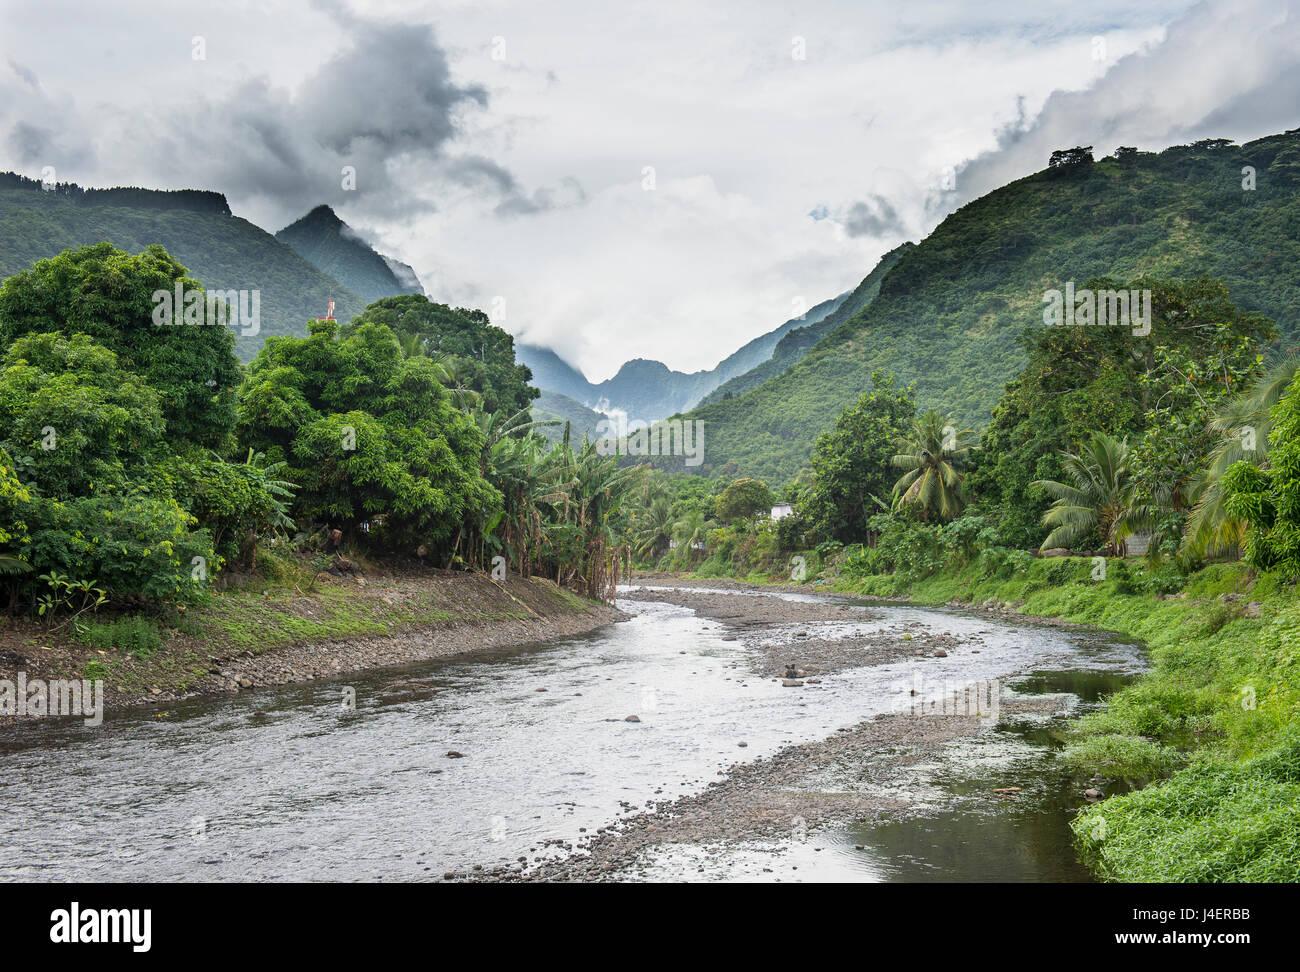 Paea River avec des montagnes en arrière-plan, Tahiti, îles de la société, Polynésie Française, Photo Stock